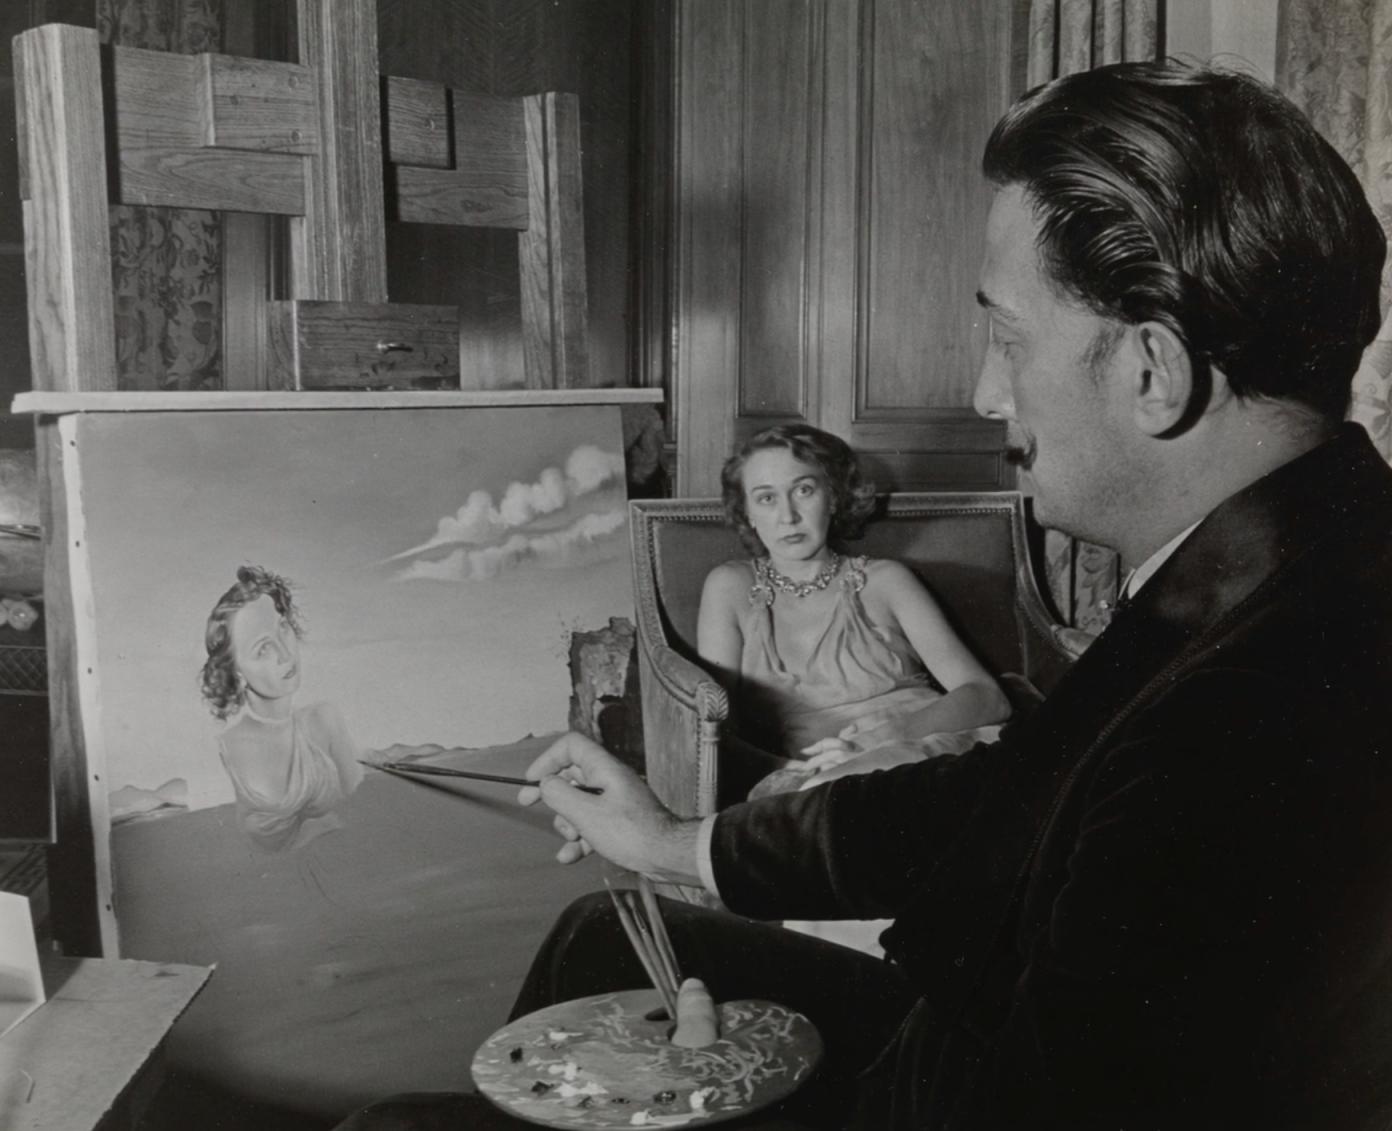 Salvador Dalí. La ricerca dell'immortalità